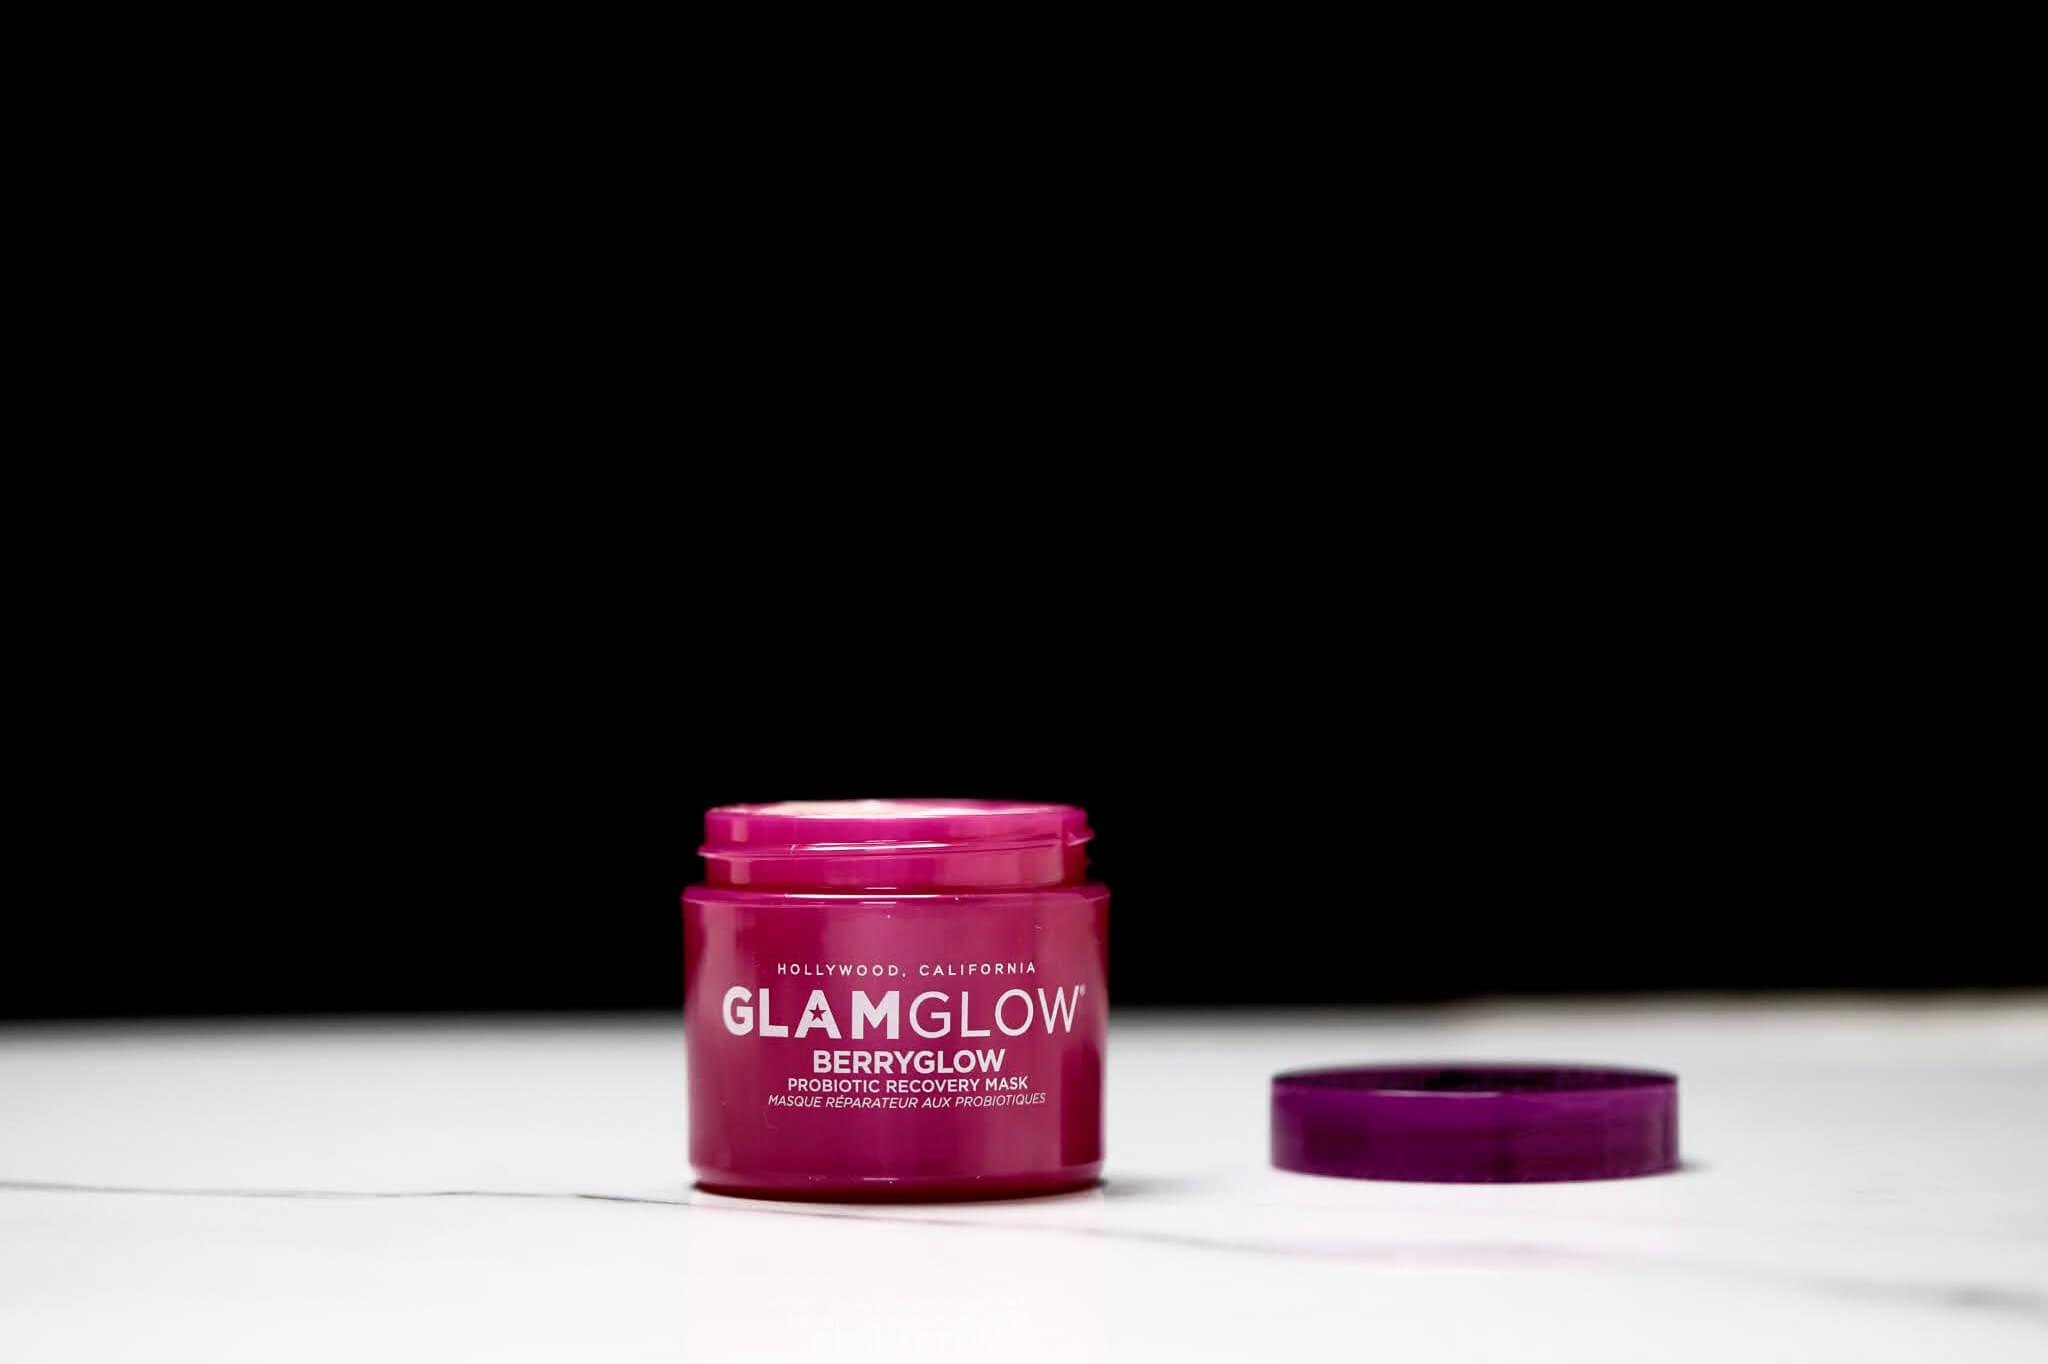 glamglow berryglow masque visage